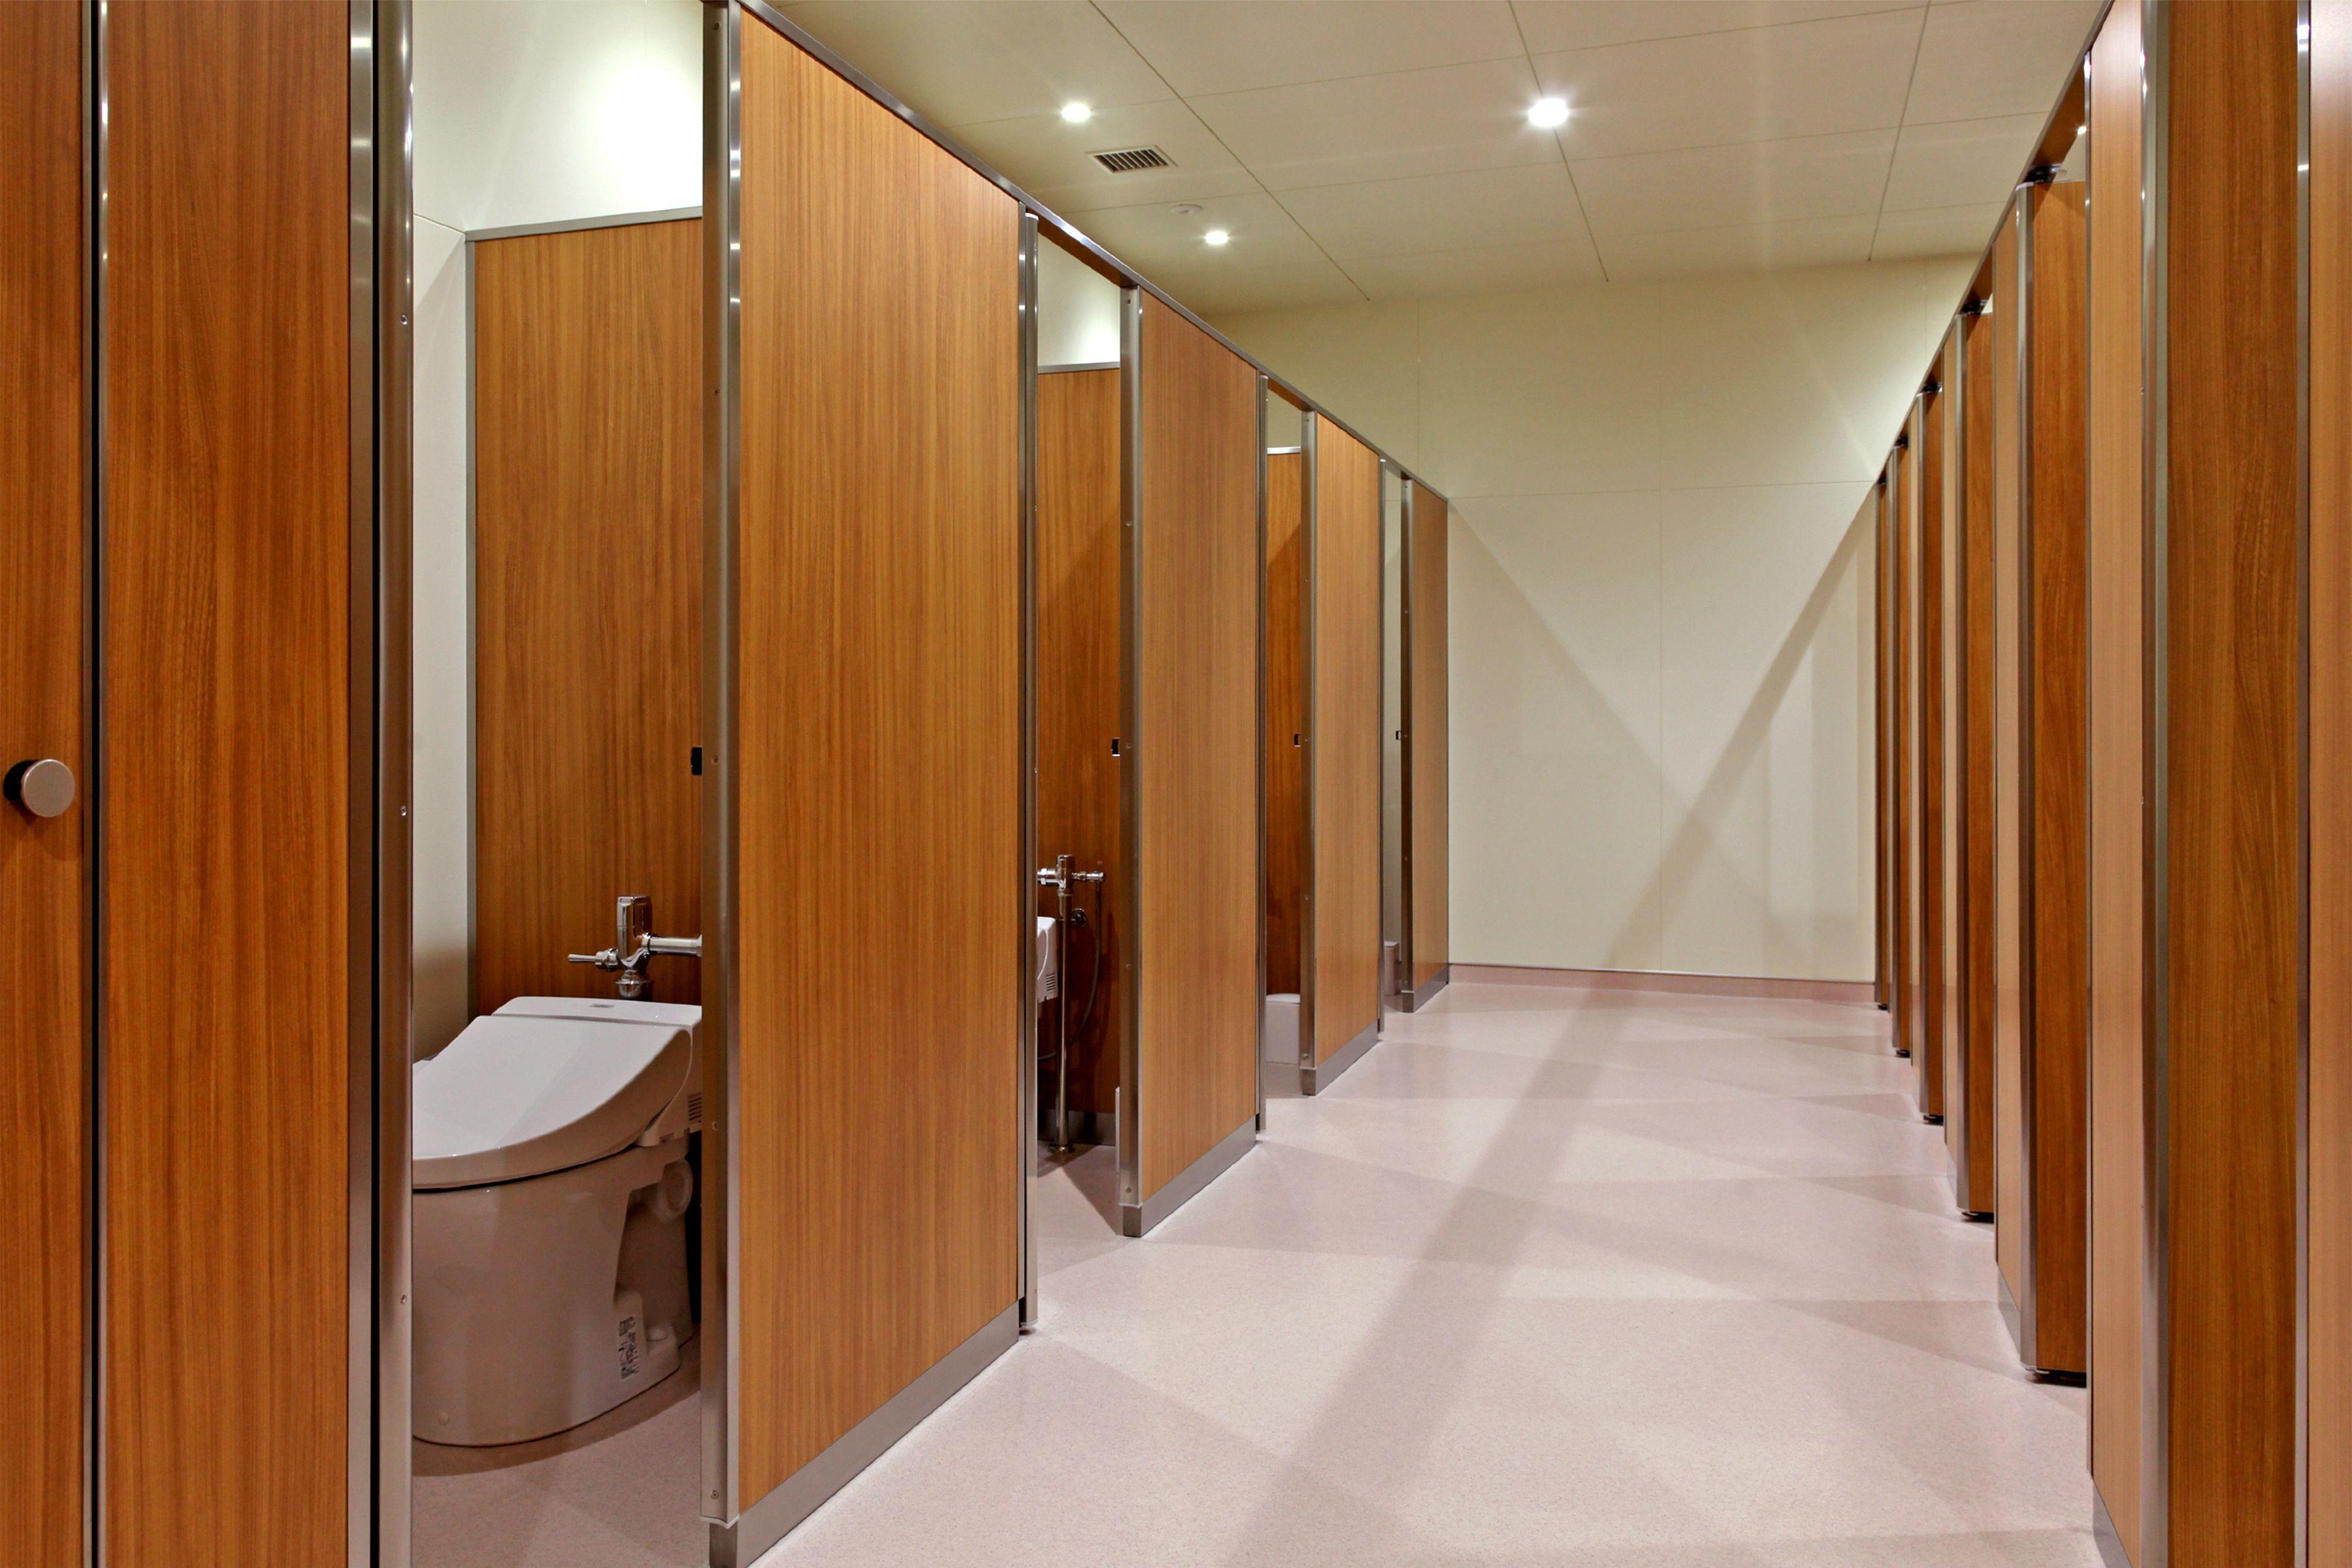 共愛学園小学校トイレ